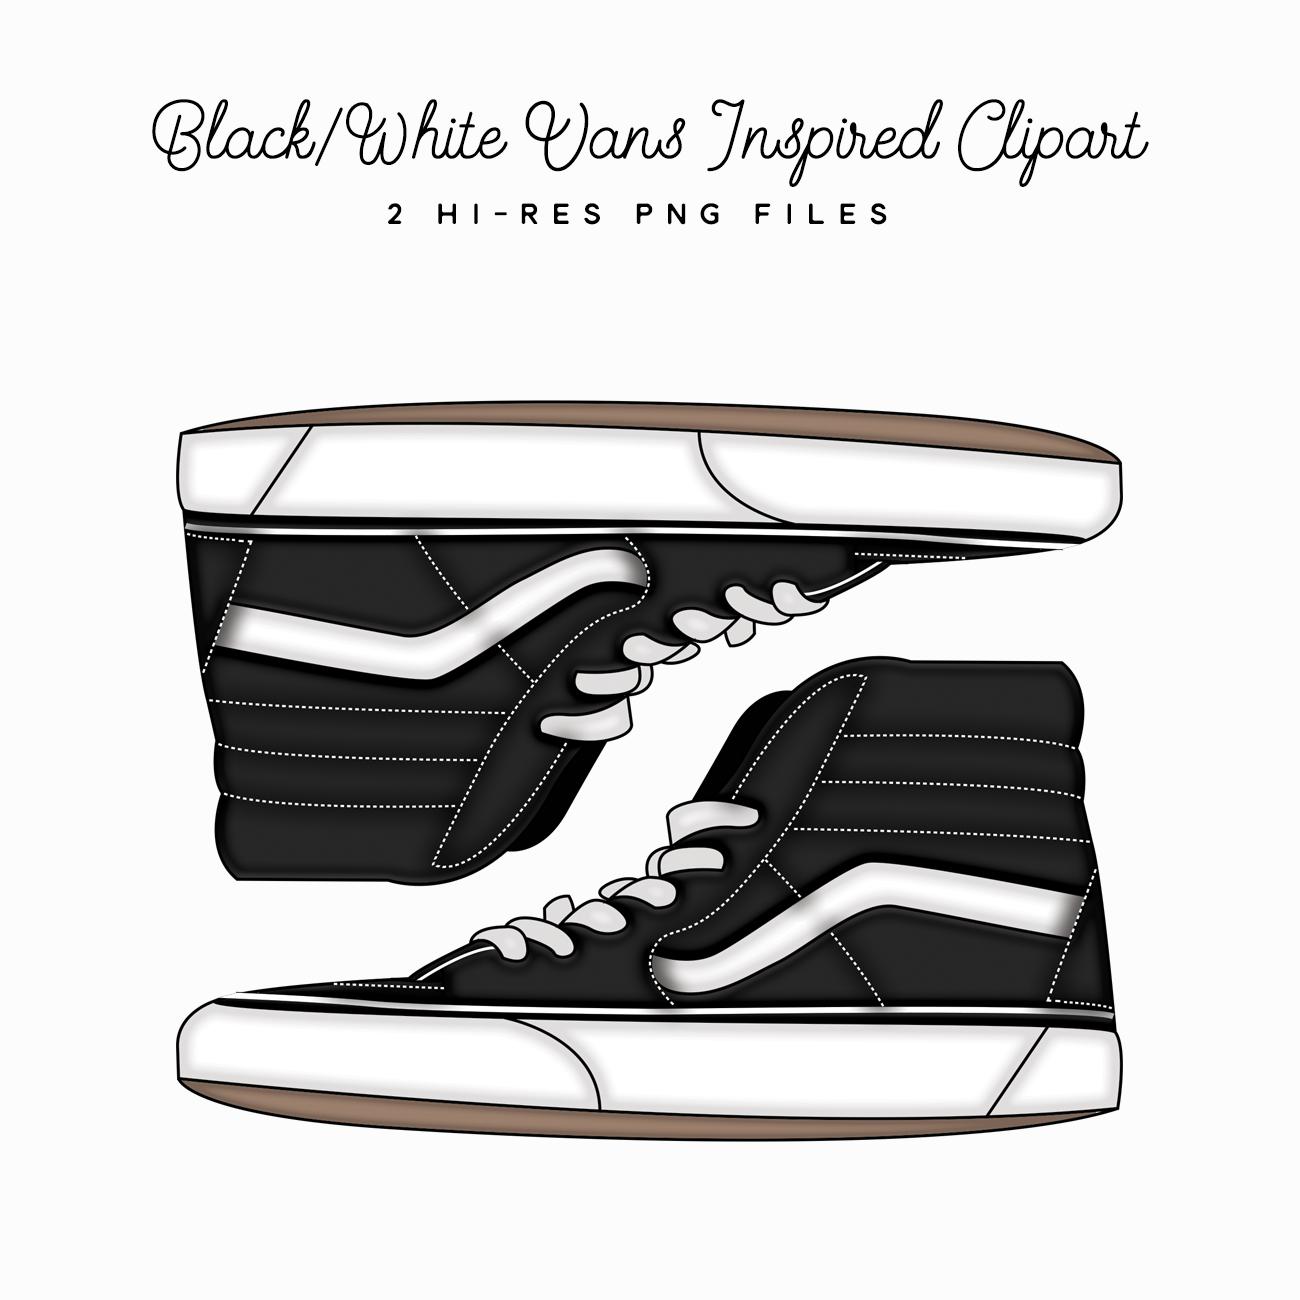 Blackwhite Planner Vans Sneaker Clipartcute Dewhi92y White fg76bYvIy